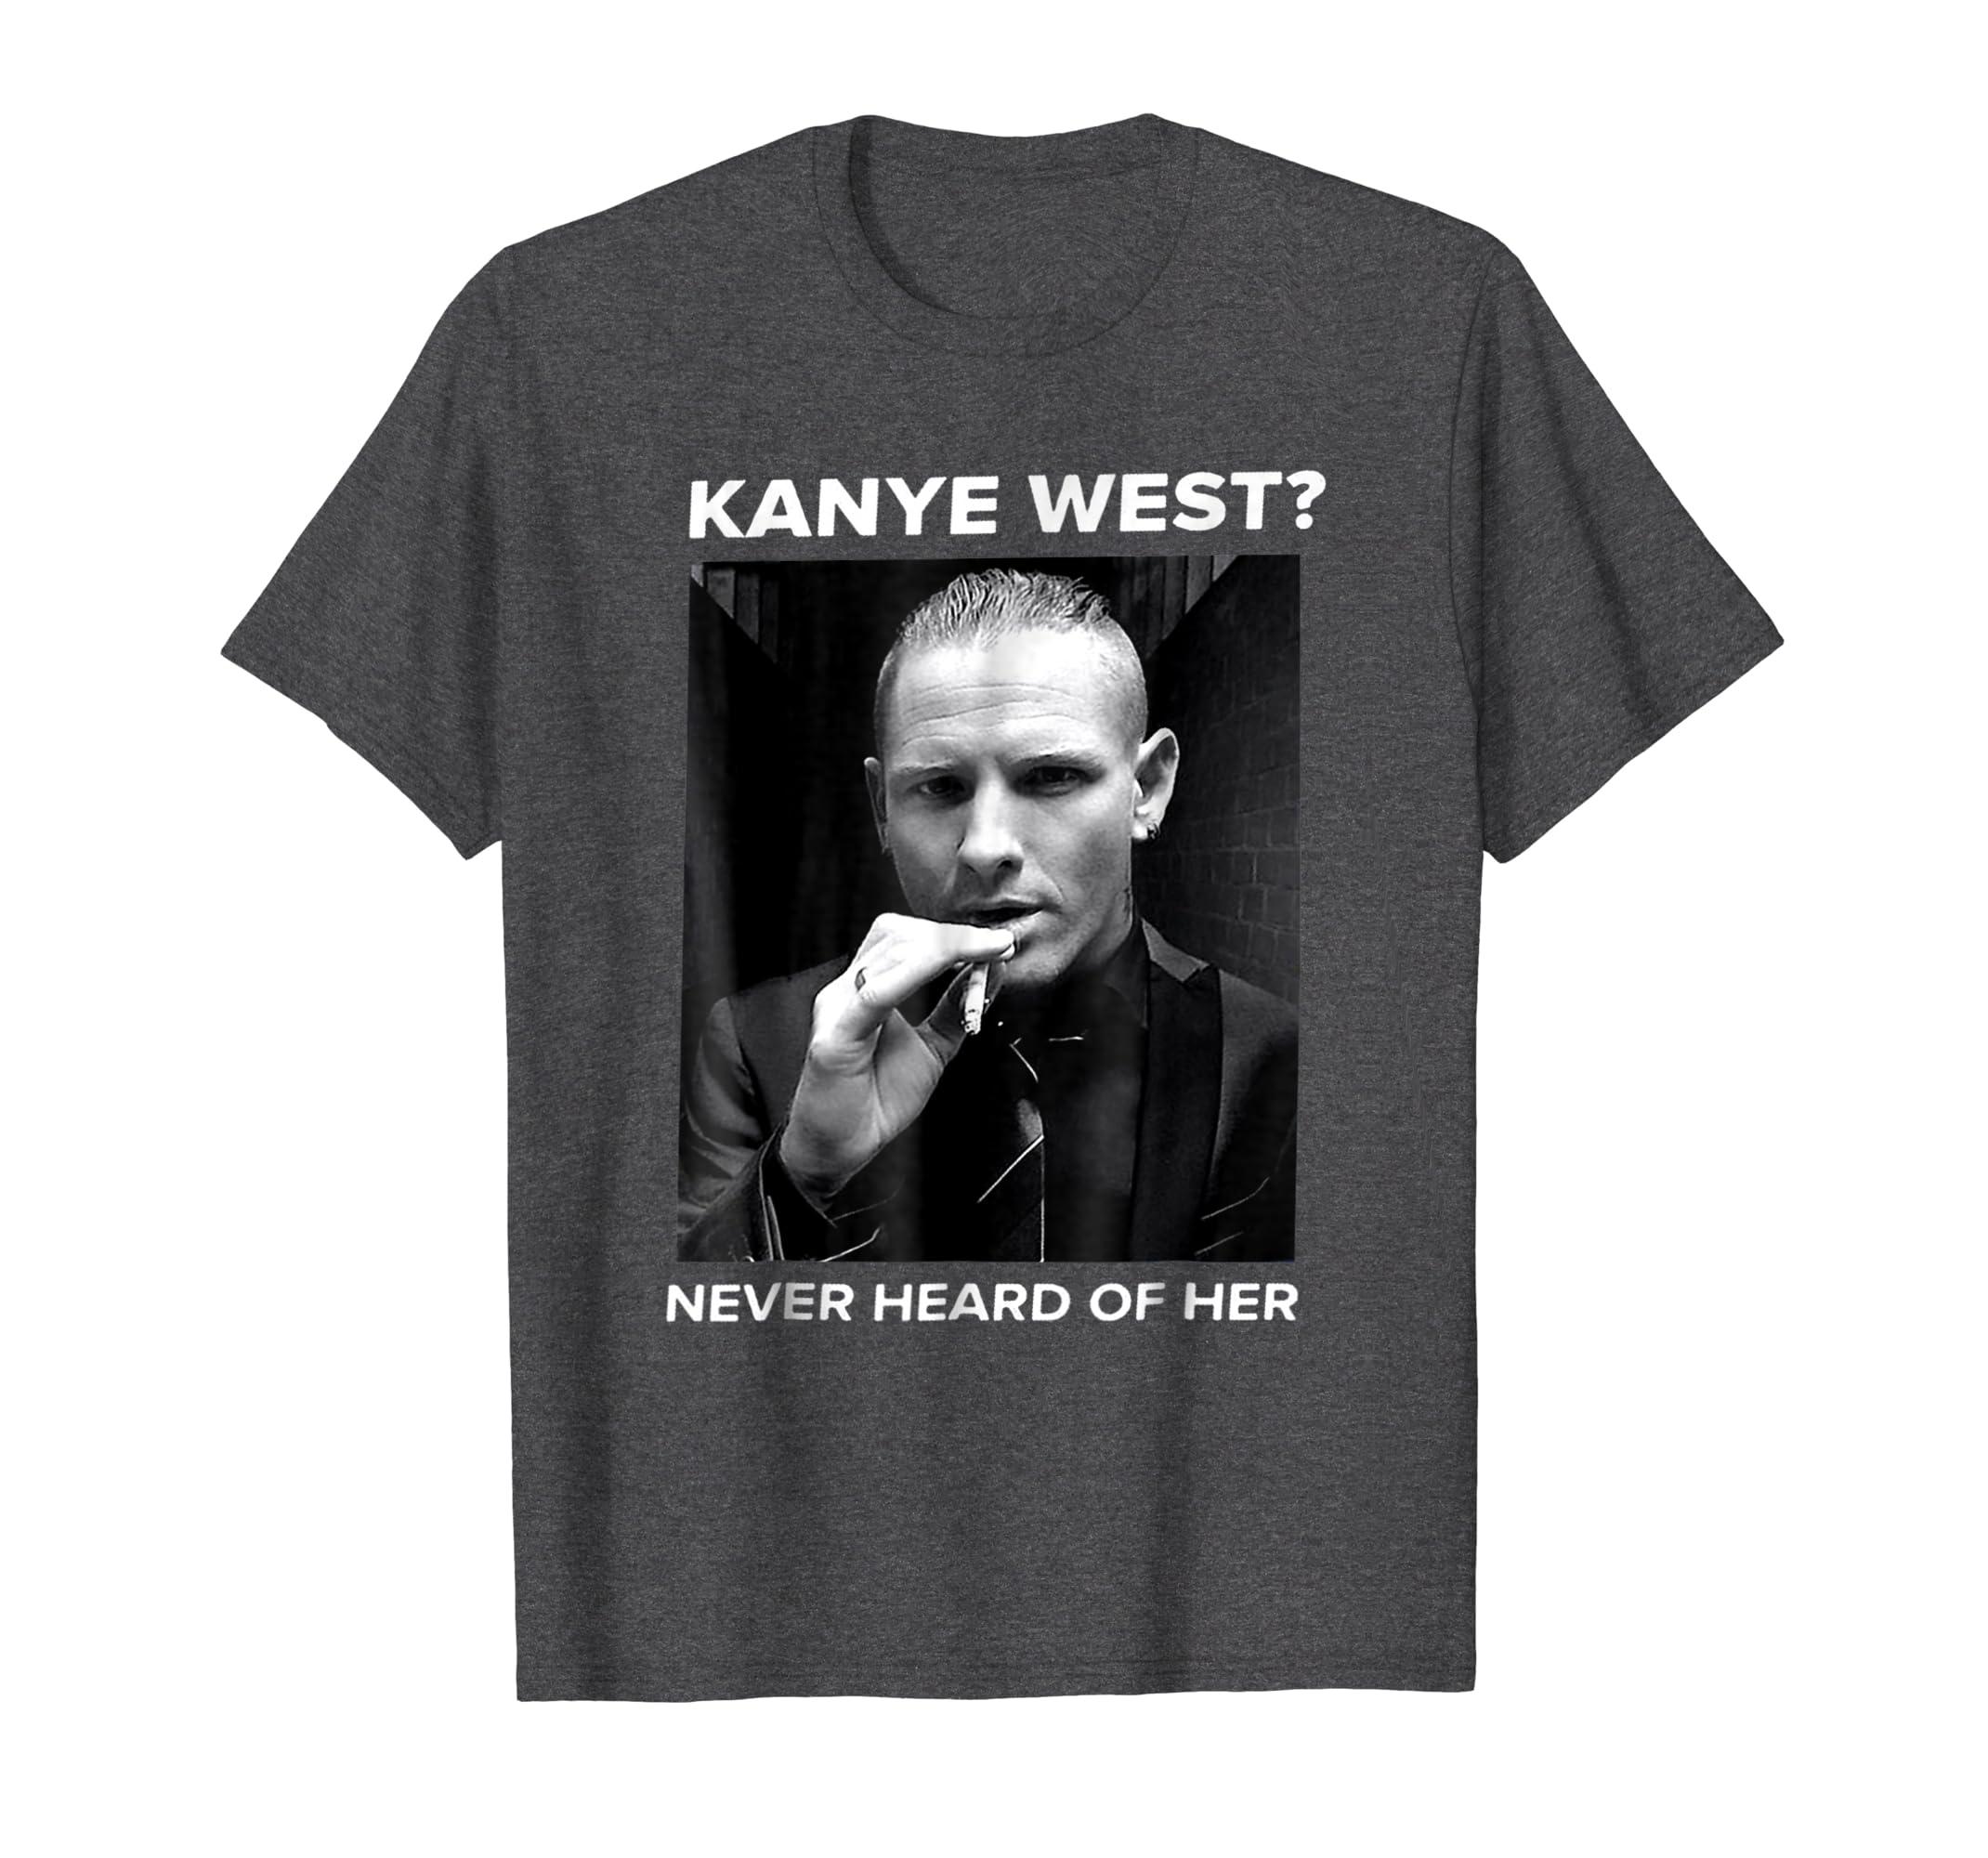 SLipknot Kanye west Never heard of her shirt-Teechatpro